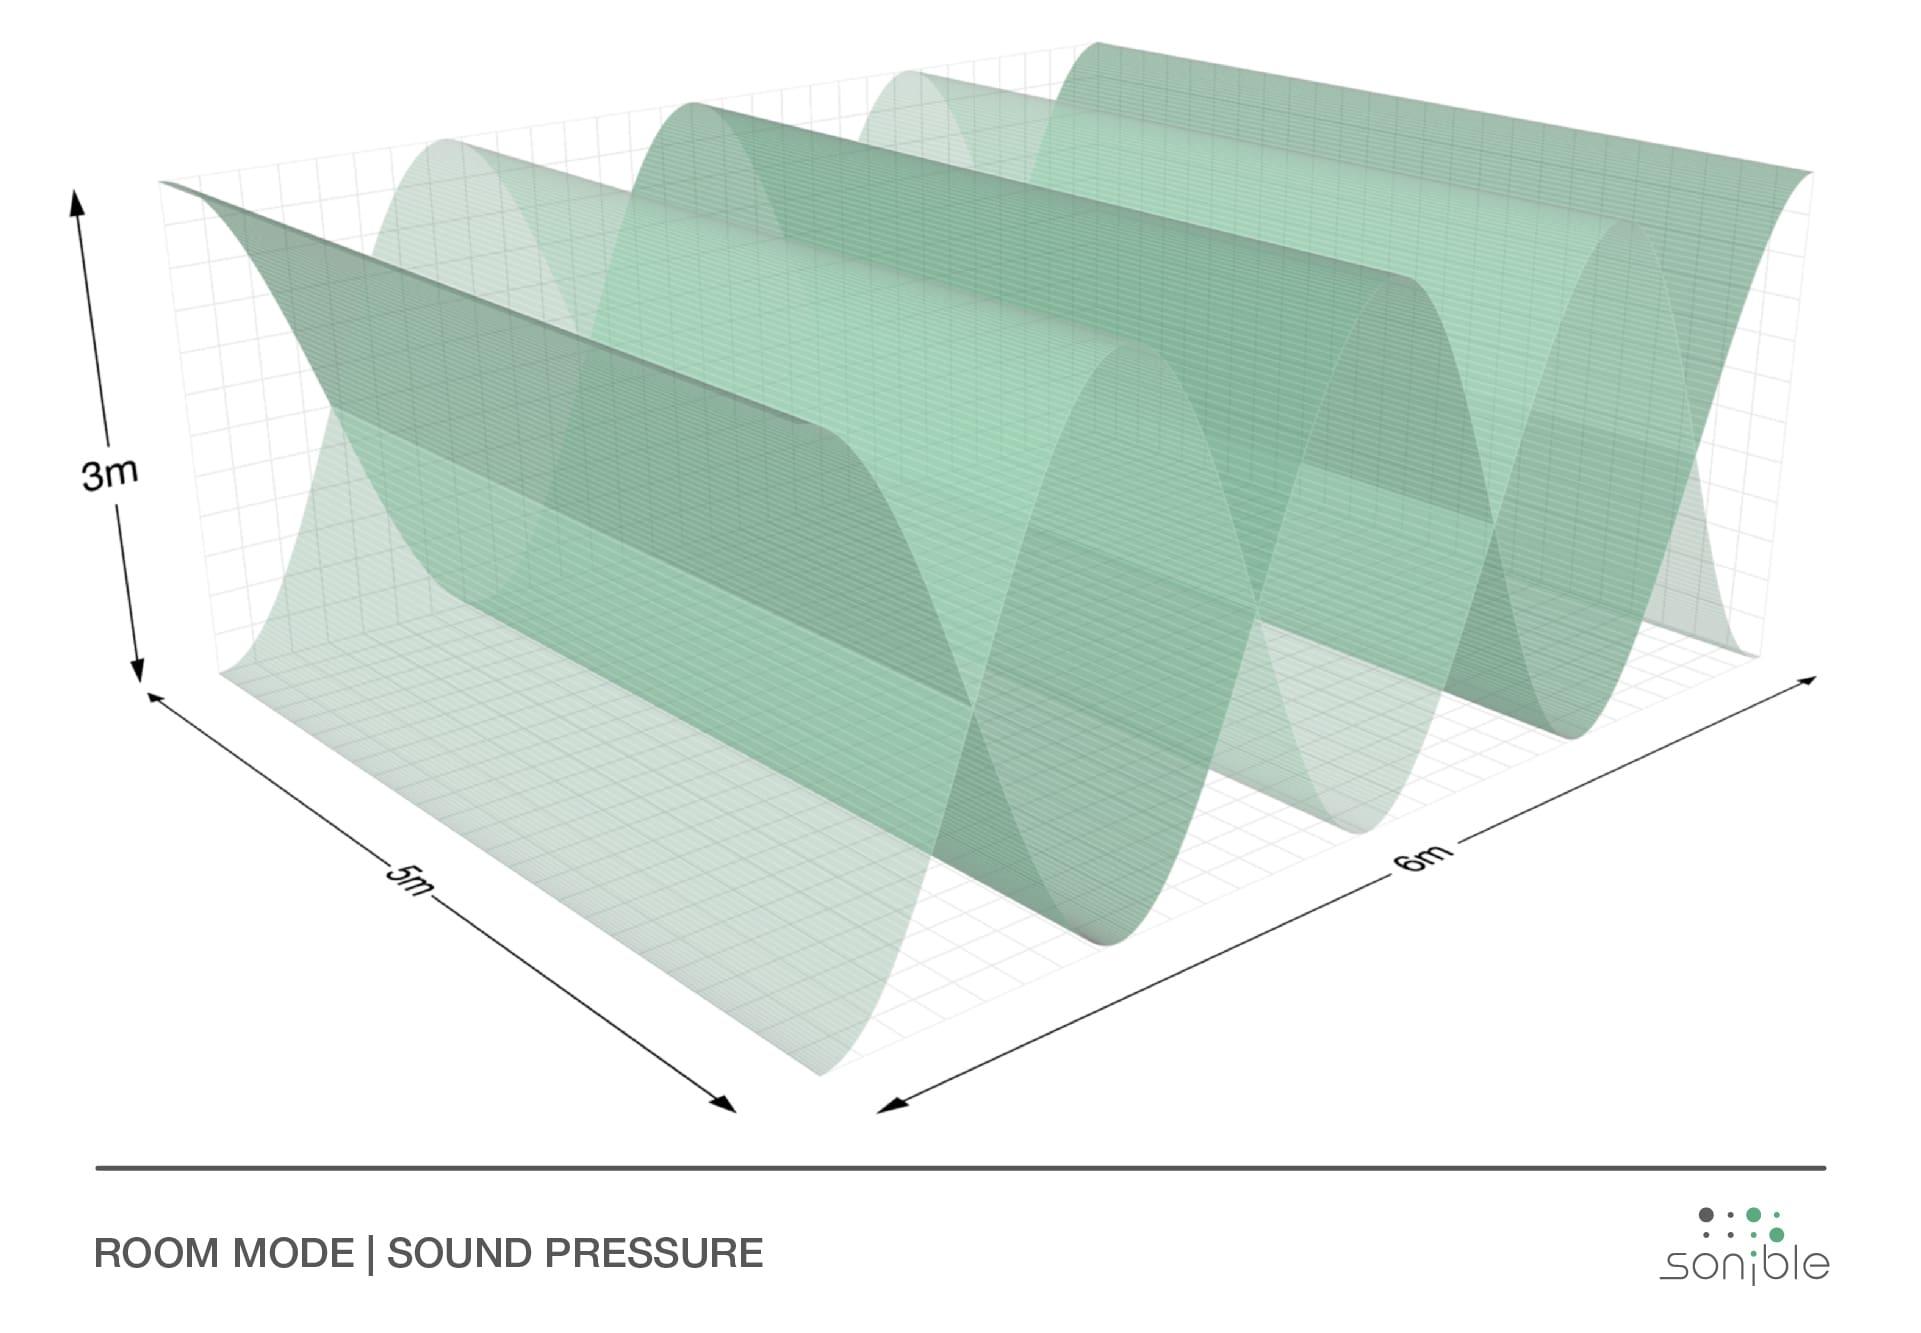 sound pressure inside ideal room